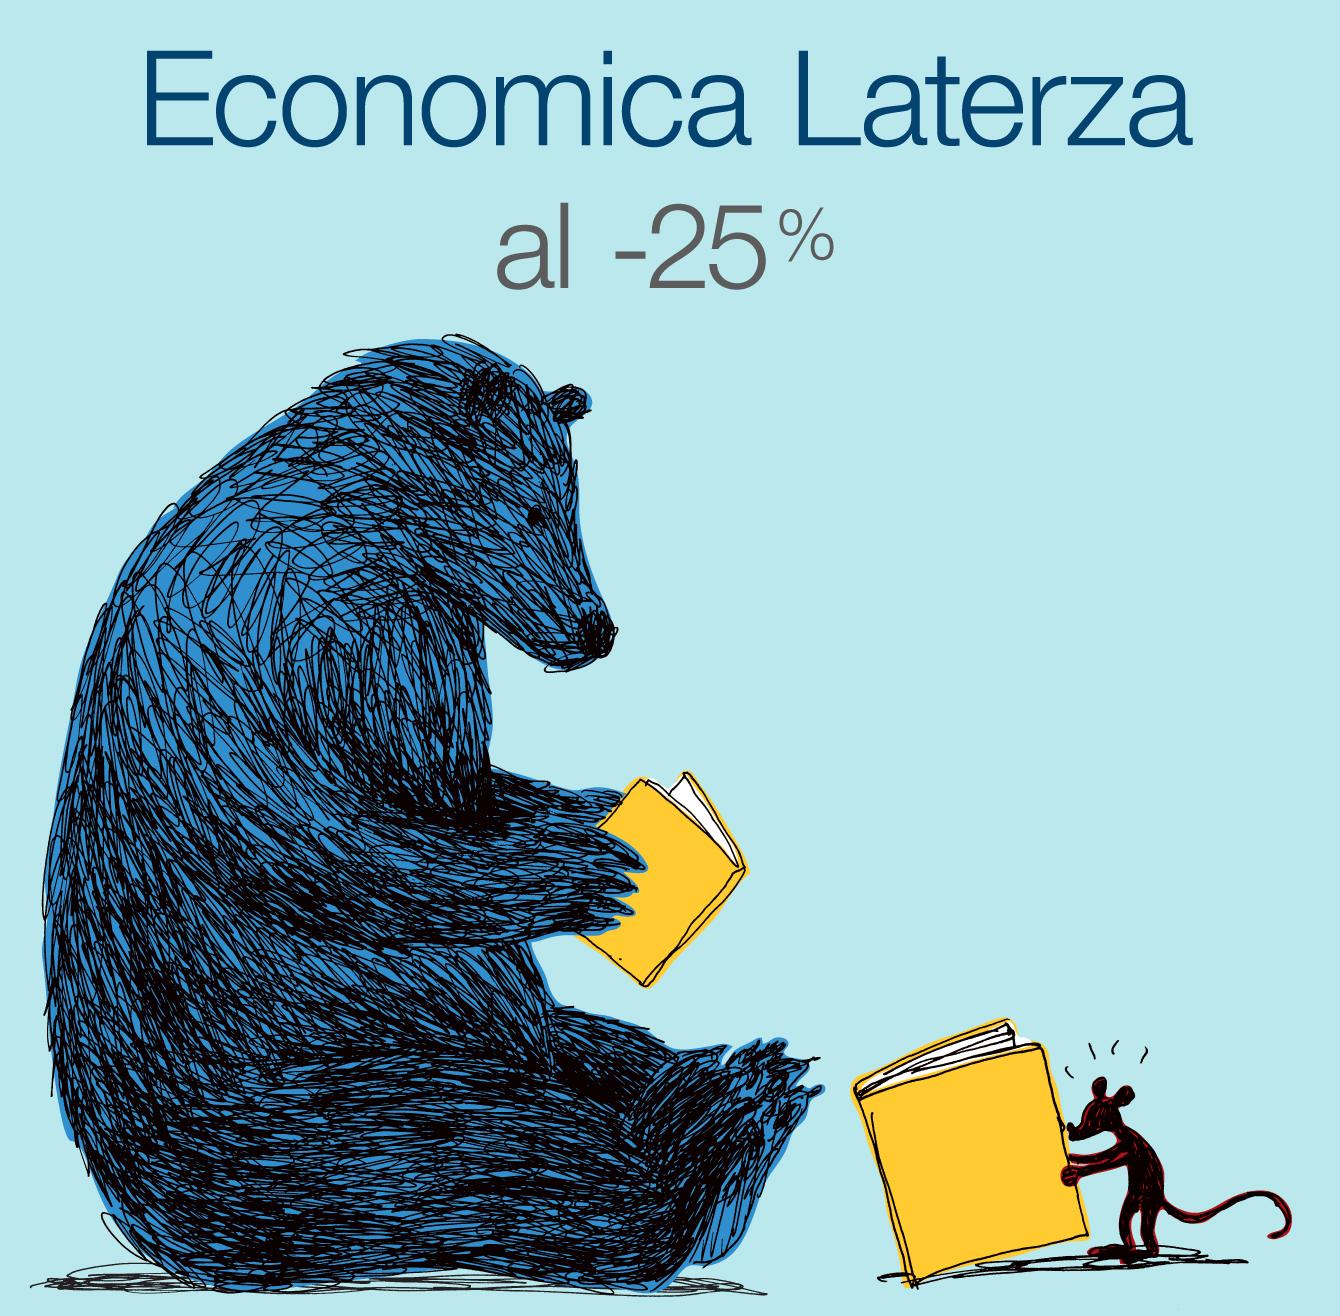 Economica Laterza al -25%